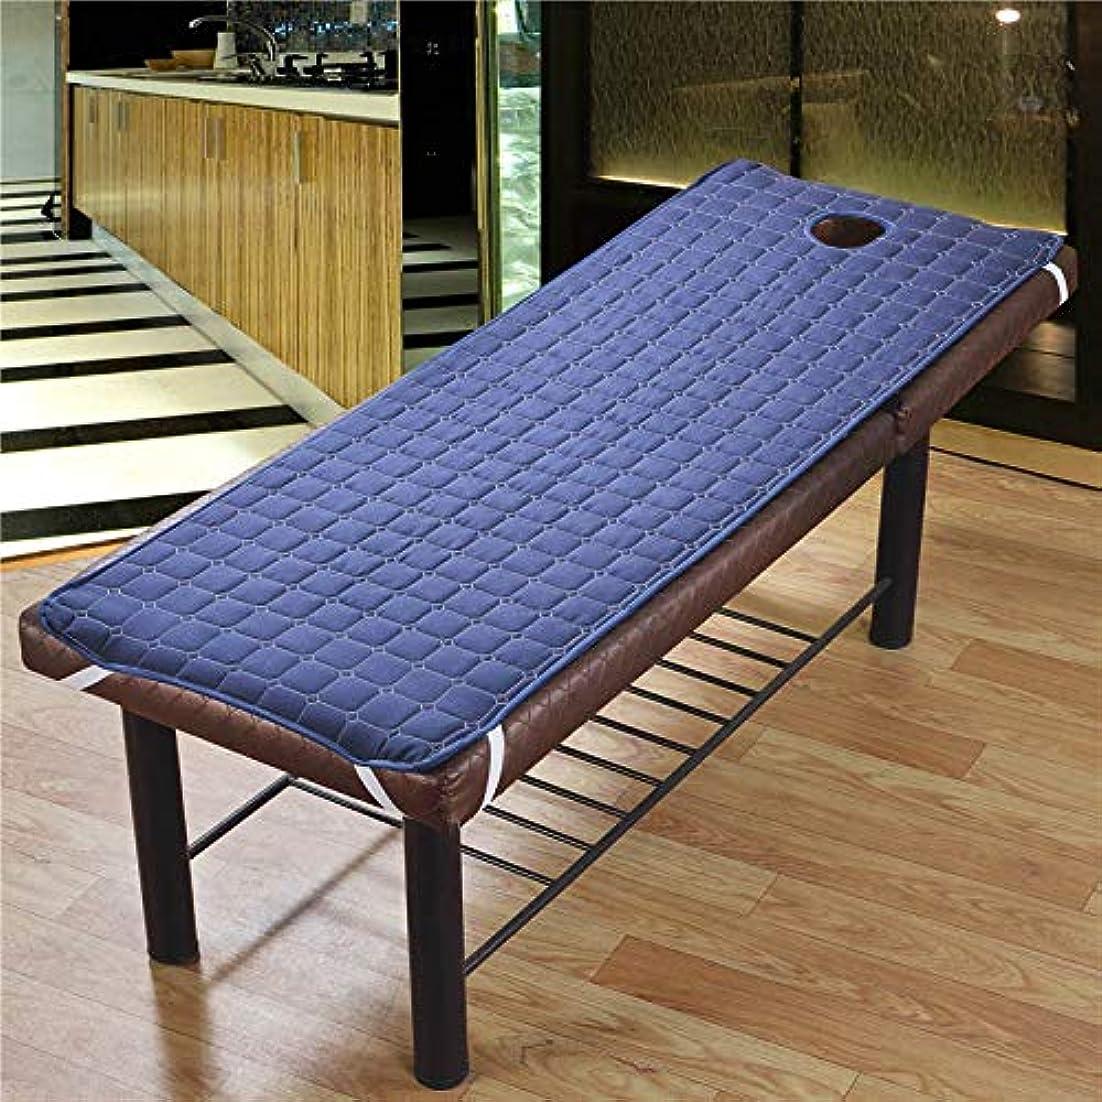 消費する感動する言い直すTenflyer 美容院のマッサージ療法のベッドのための滑り止めのSoliod色の長方形のマットレス